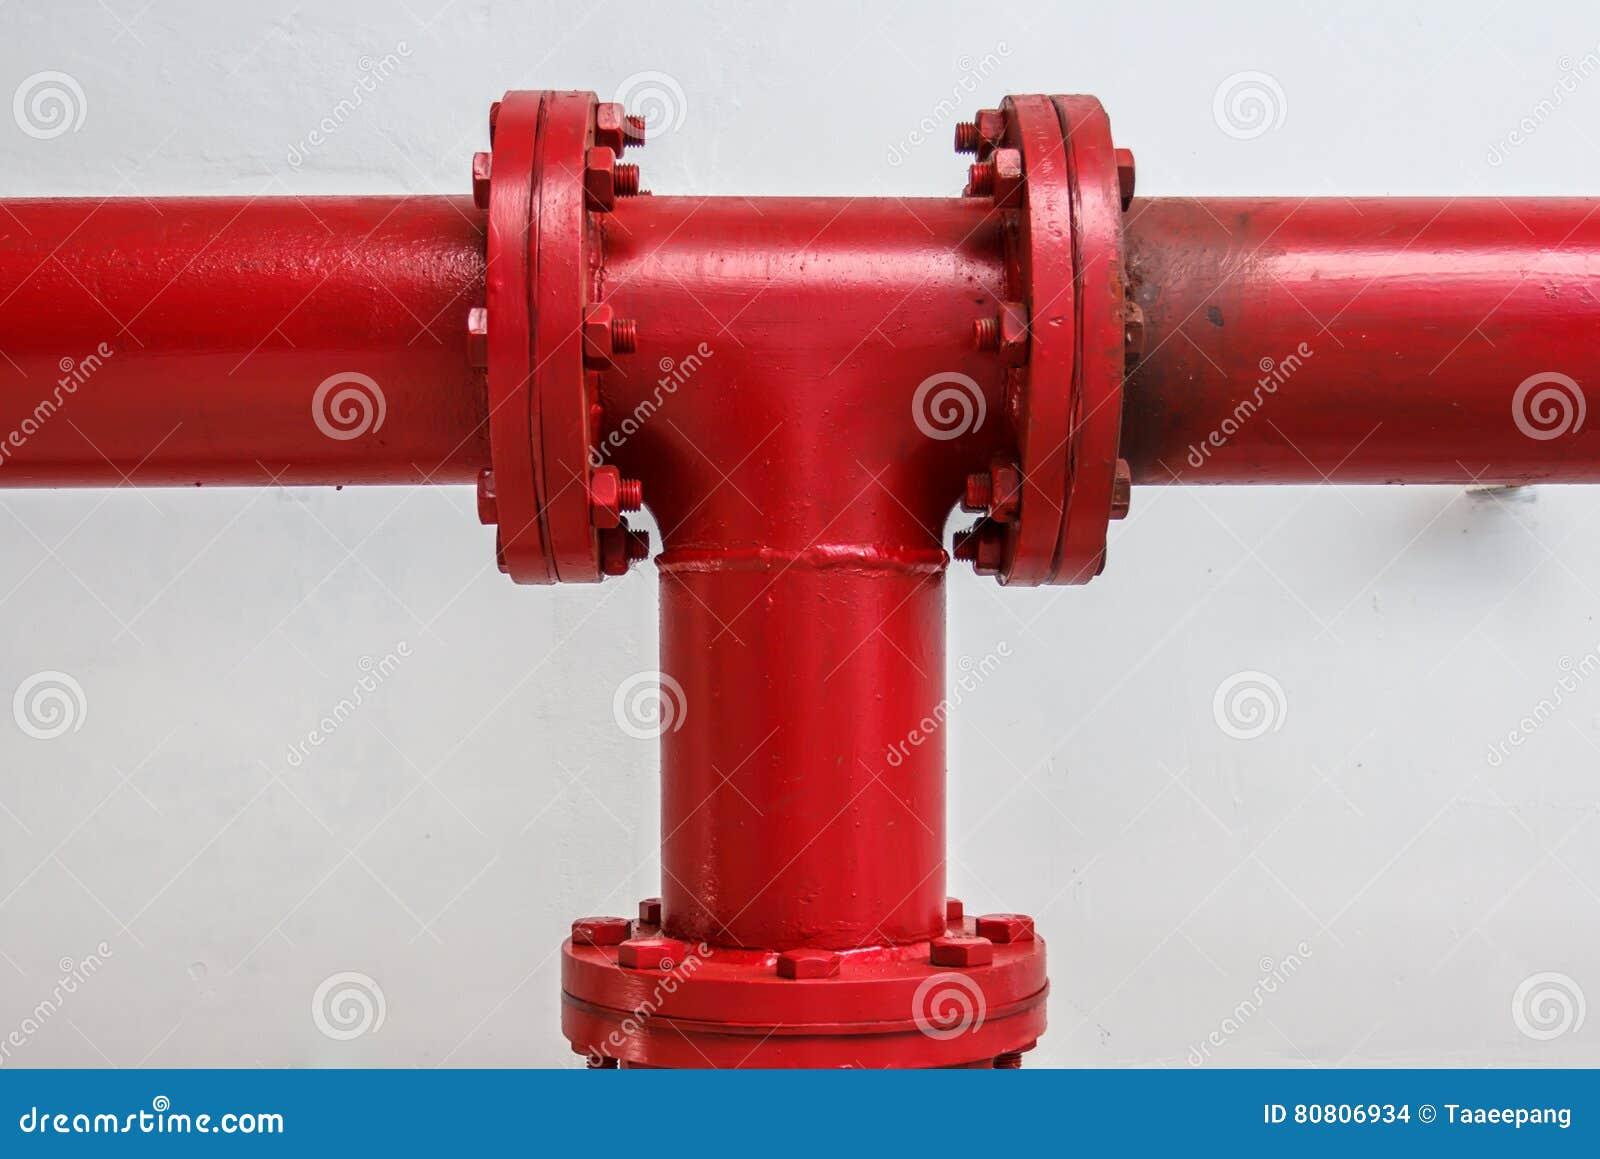 联接每消防栓火